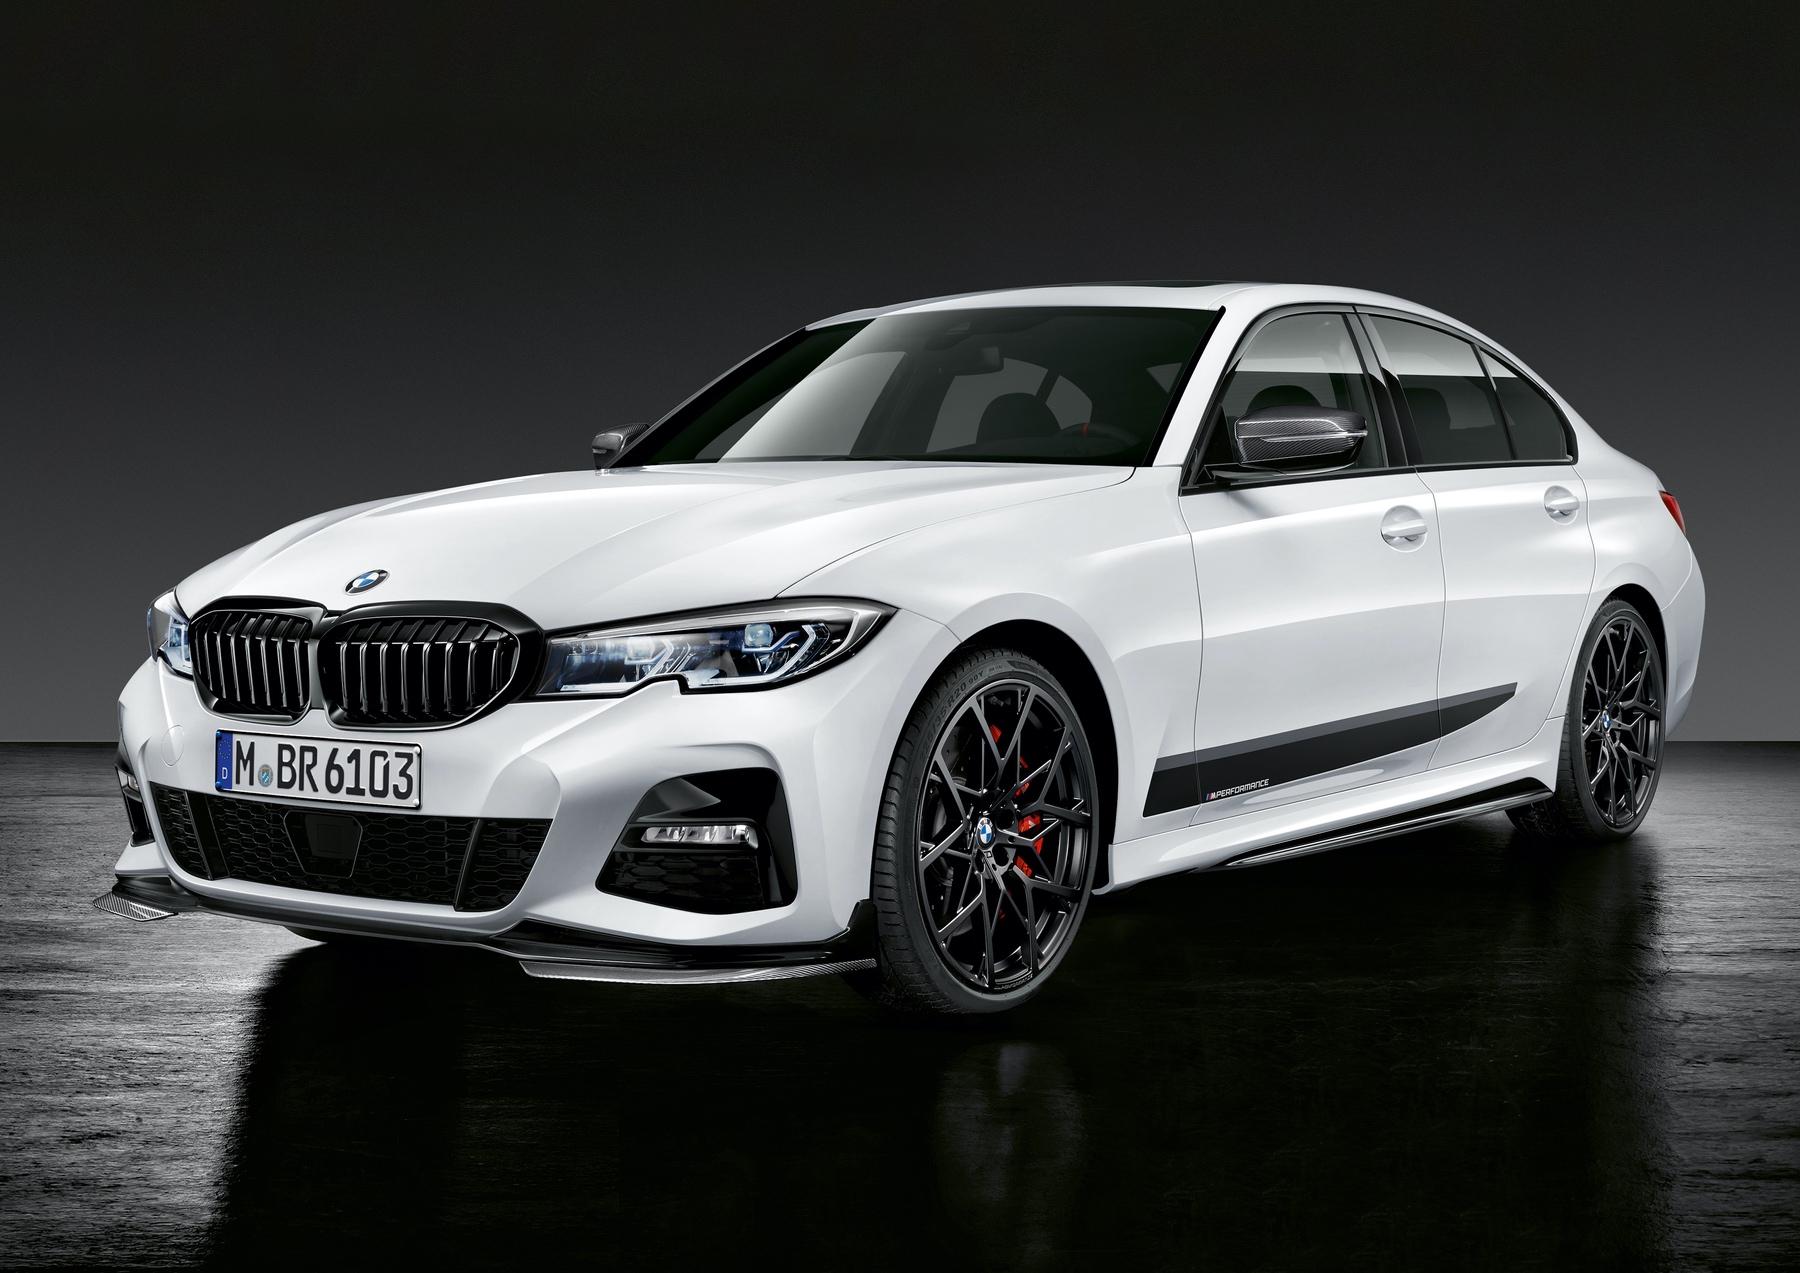 BMW Wheel Badges X4 M2 M3 M4 M5 M6 CS CSL Wheels Genuine Aluminium Not Plastic